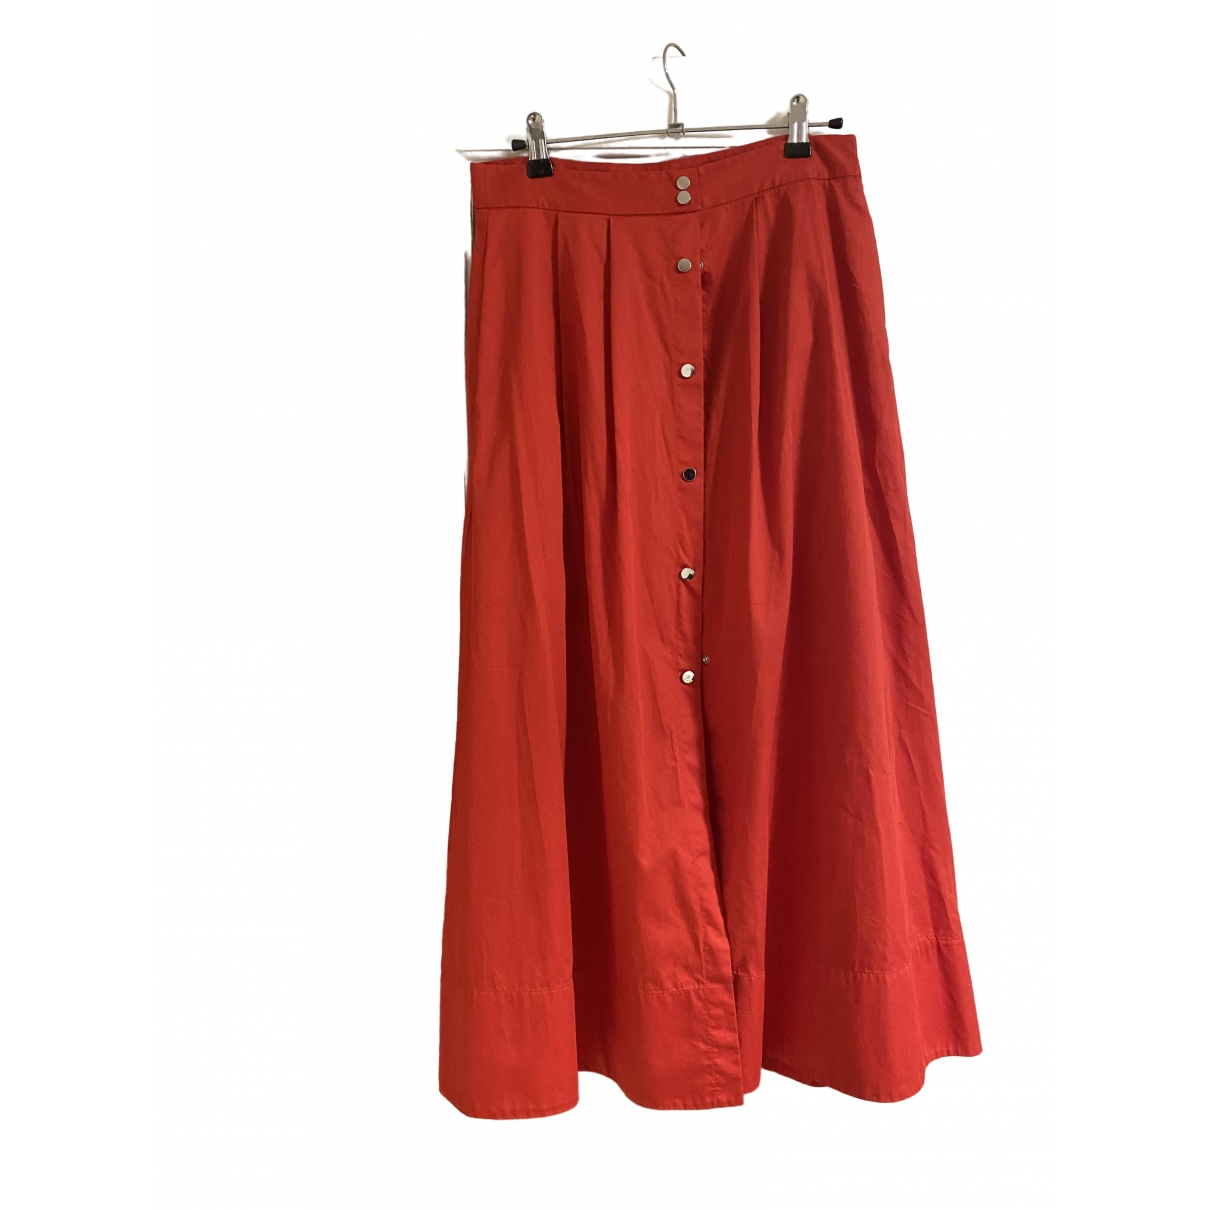 Maje - Jupe Spring Summer 2019 pour femme en coton - rouge